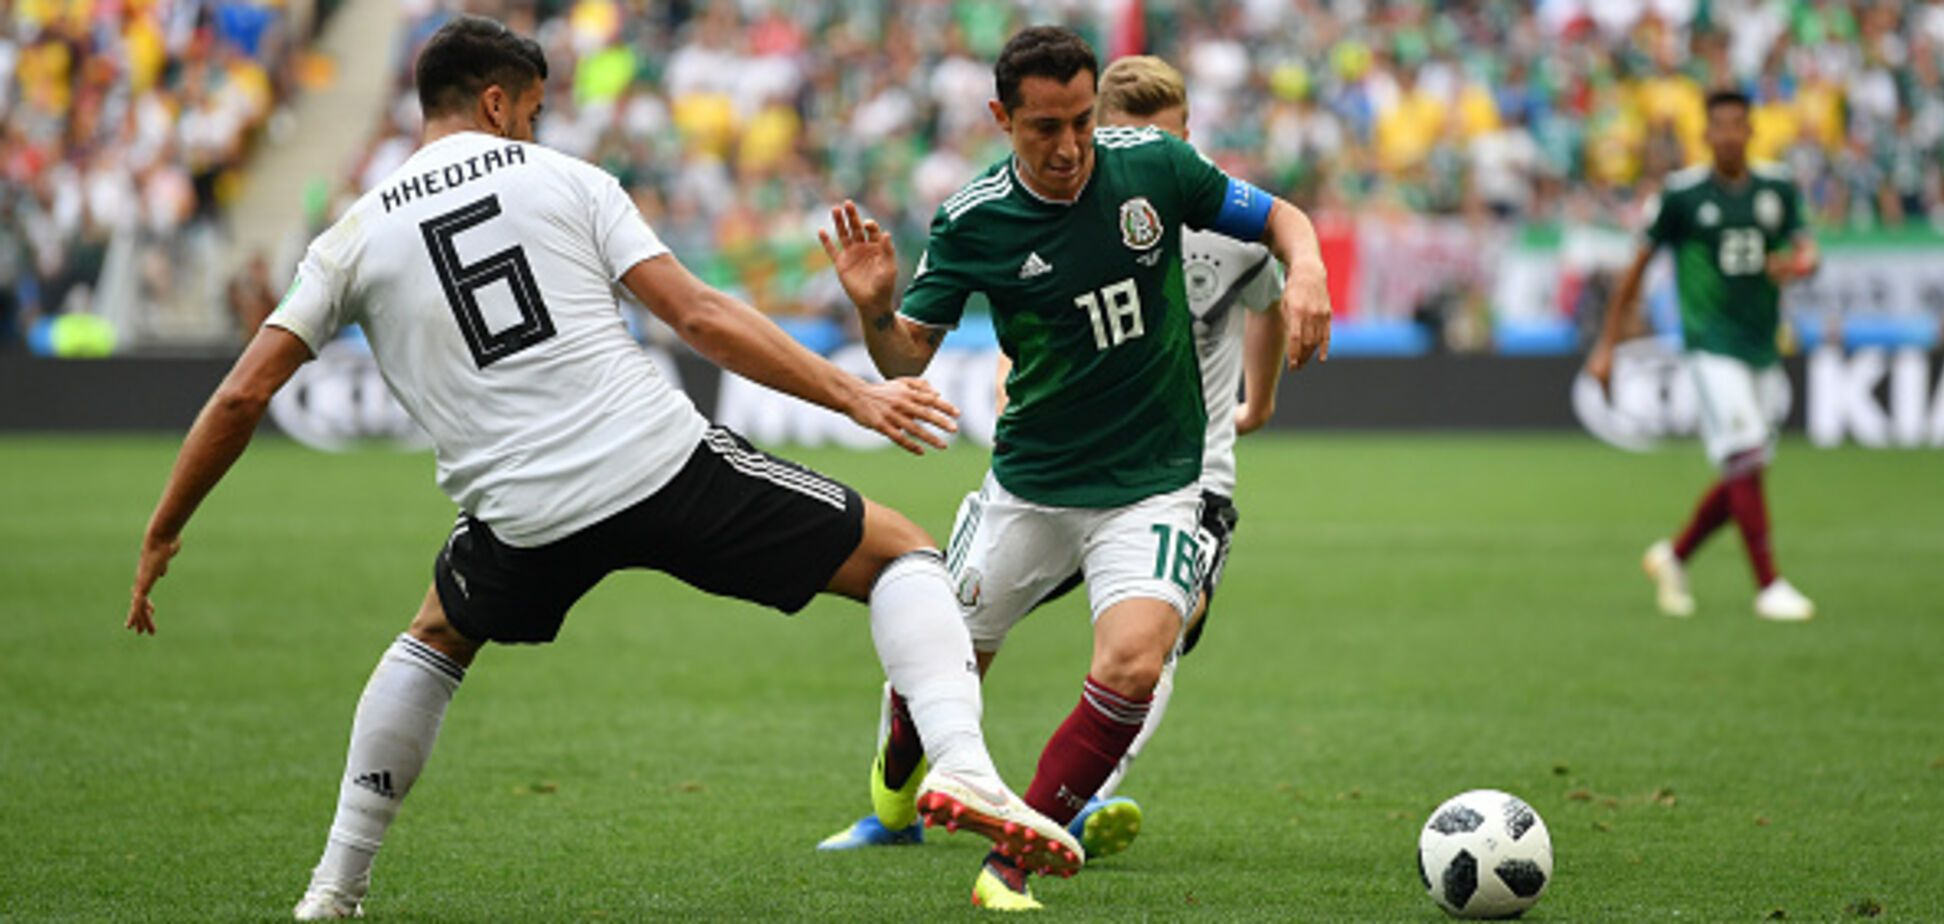 Південна Корея - Мексика - 1-2: онлайн-трансляція матчу ЧС-2018